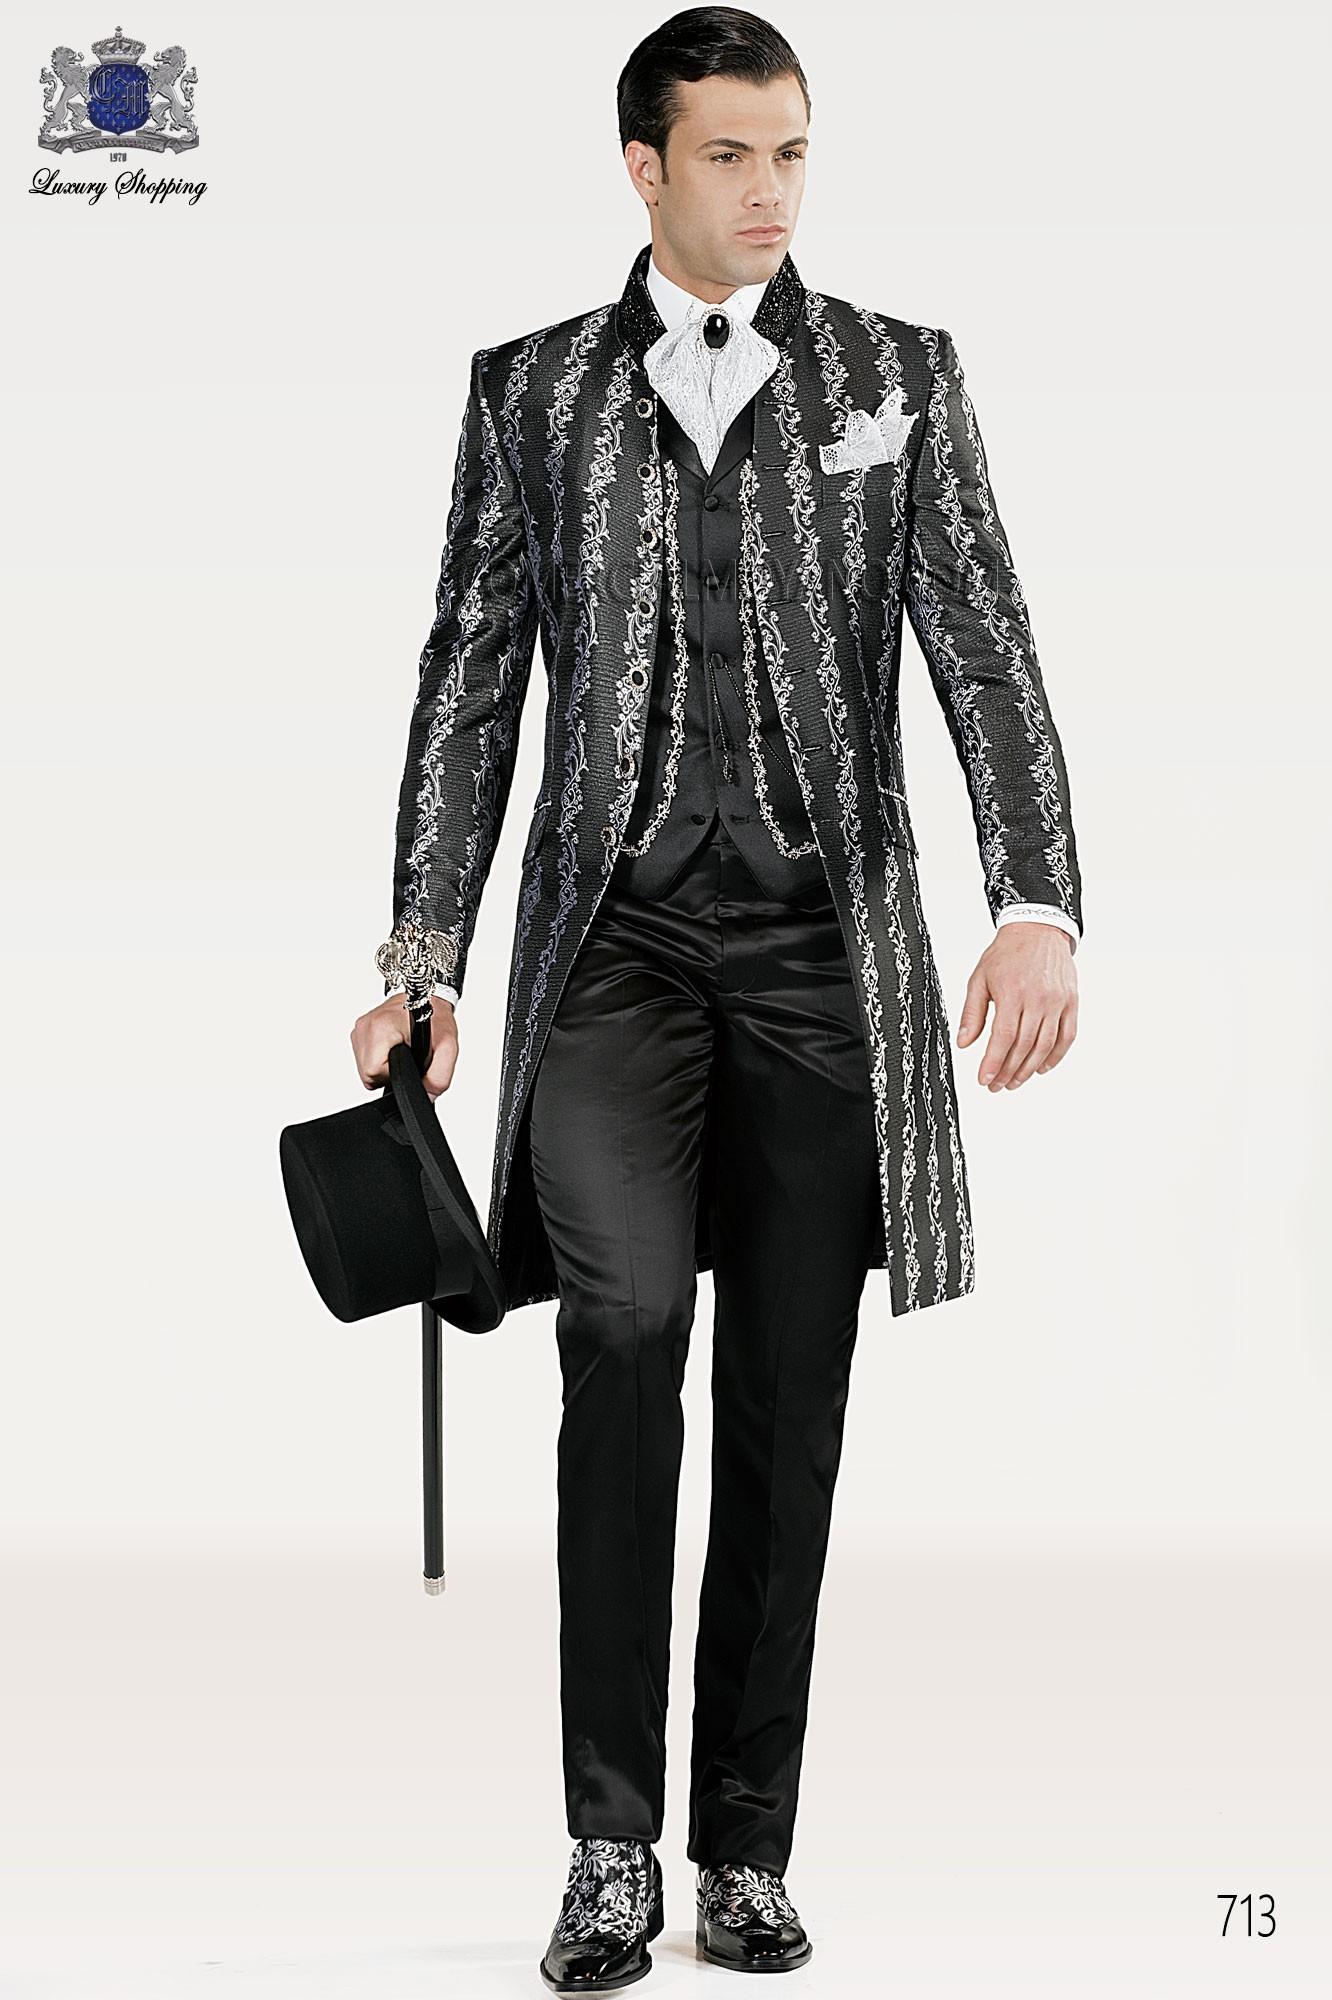 Traje de novio barroco plata-negro modelo: 713 Ottavio Nuccio Gala colección Barroco